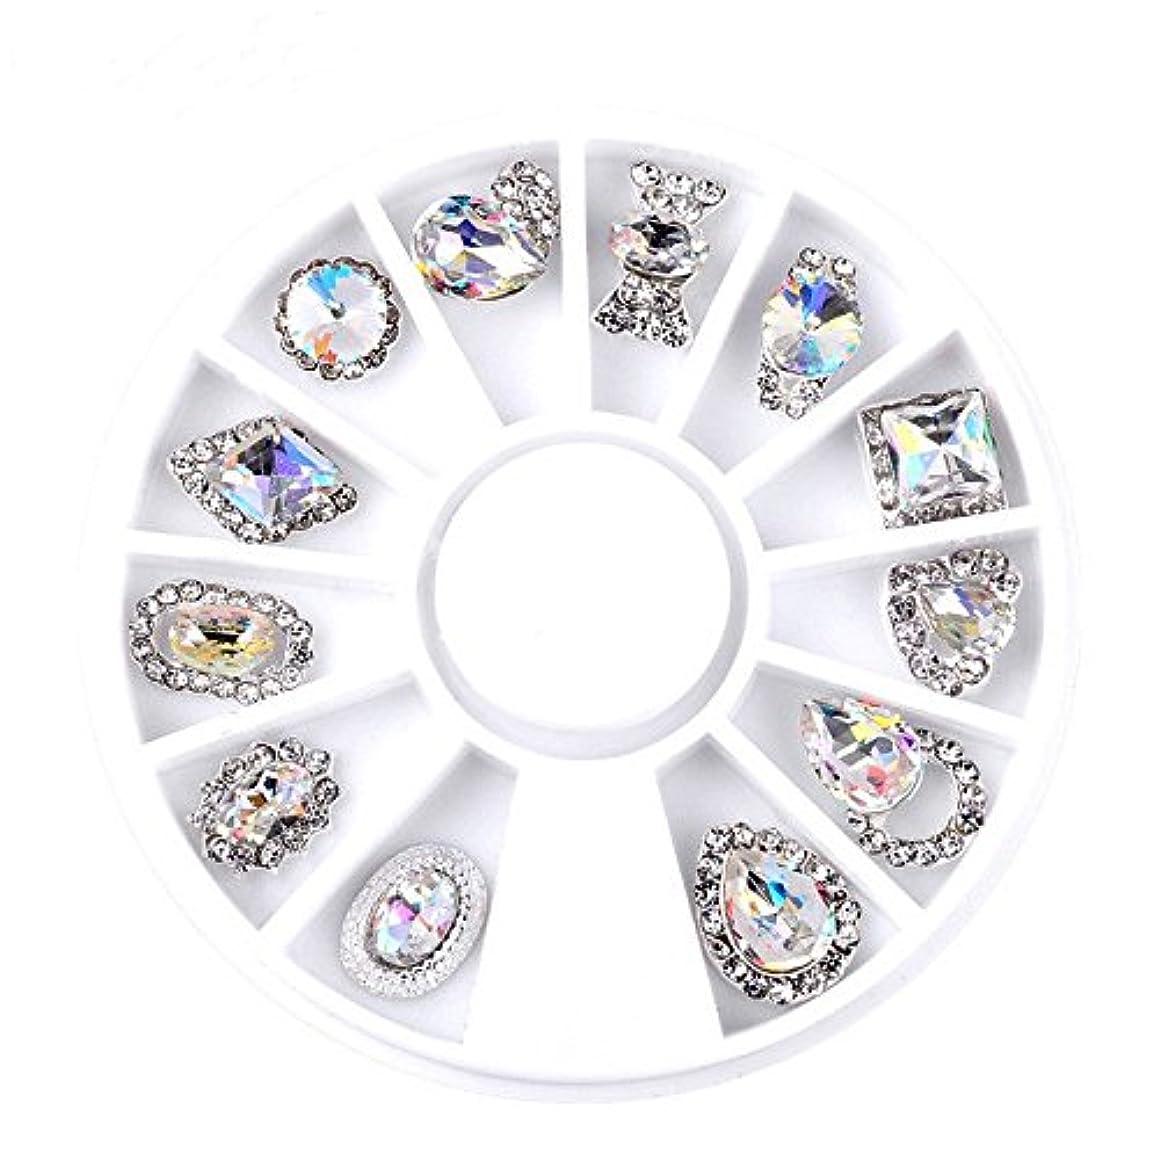 処理最も早い組み込むArtlalic混合ダイヤモンドのラインストーンミニビーズクロス宝石の円3Dネイルアートグライタークリスタルの爪の装飾